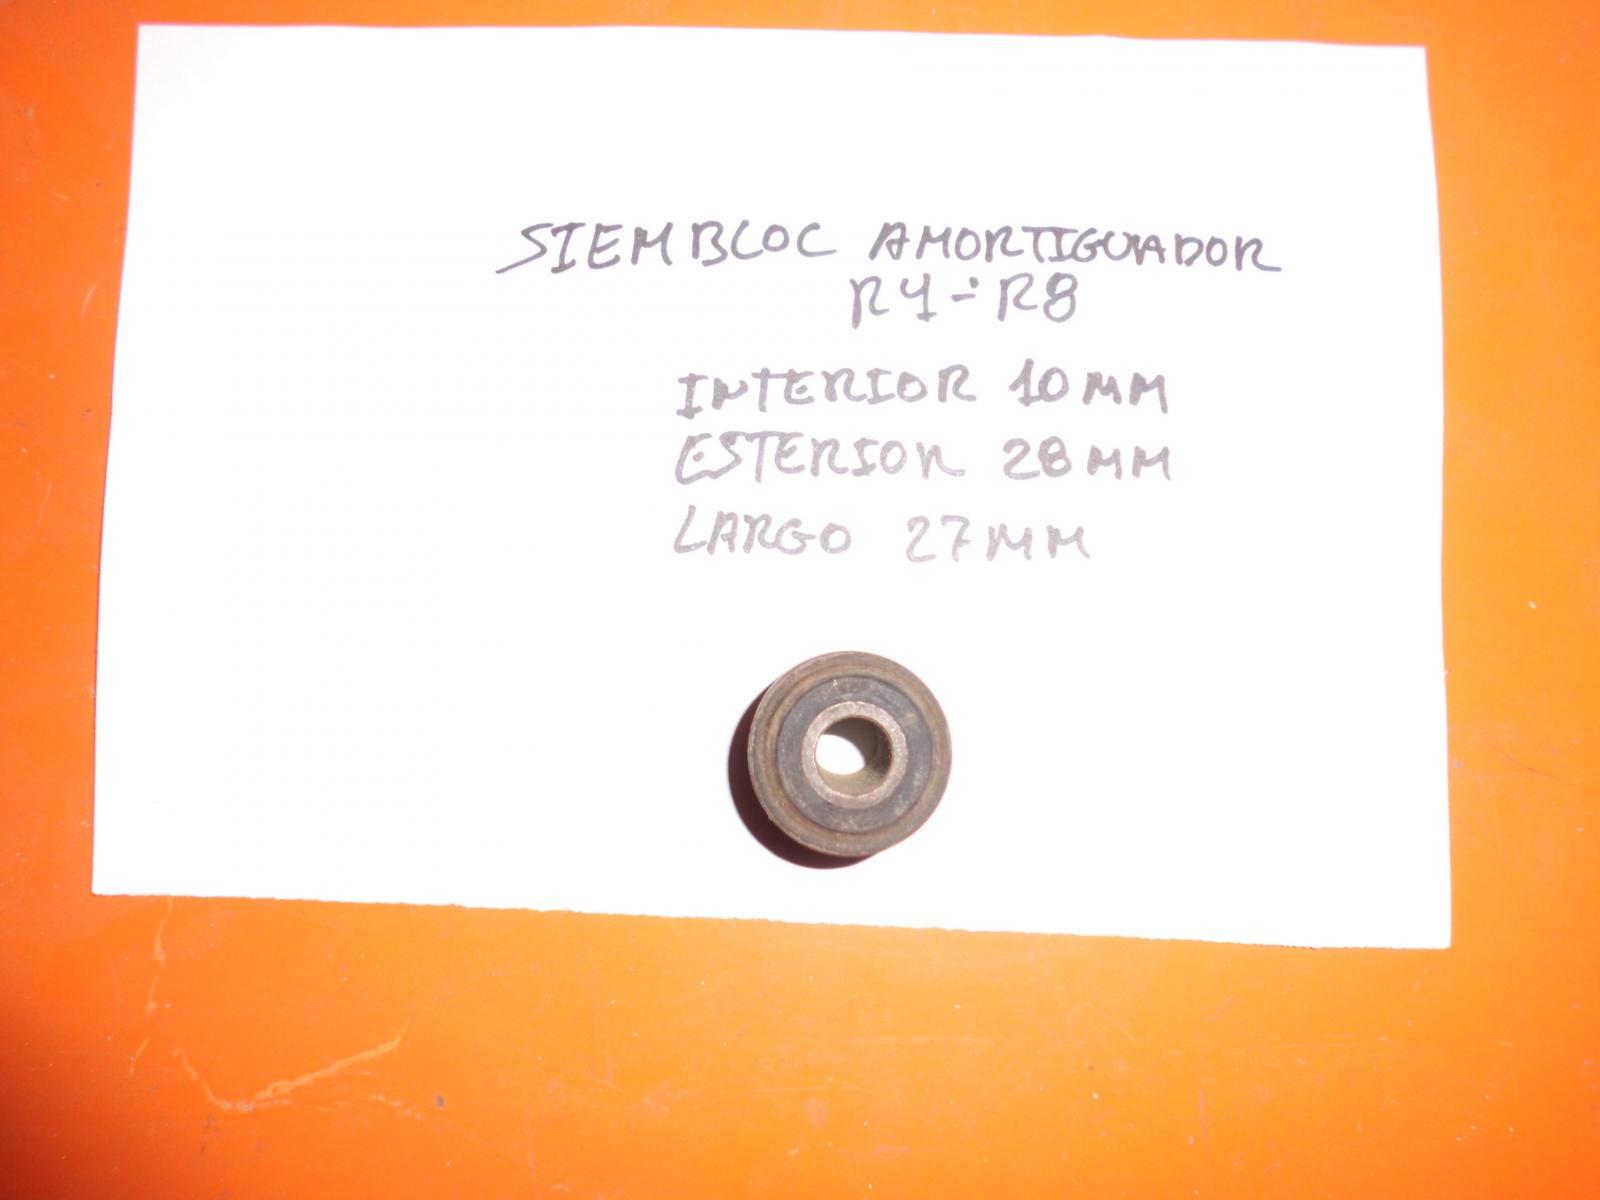 SIEMBLOC AMORTIGUADOR RENAULT 4 Y 8